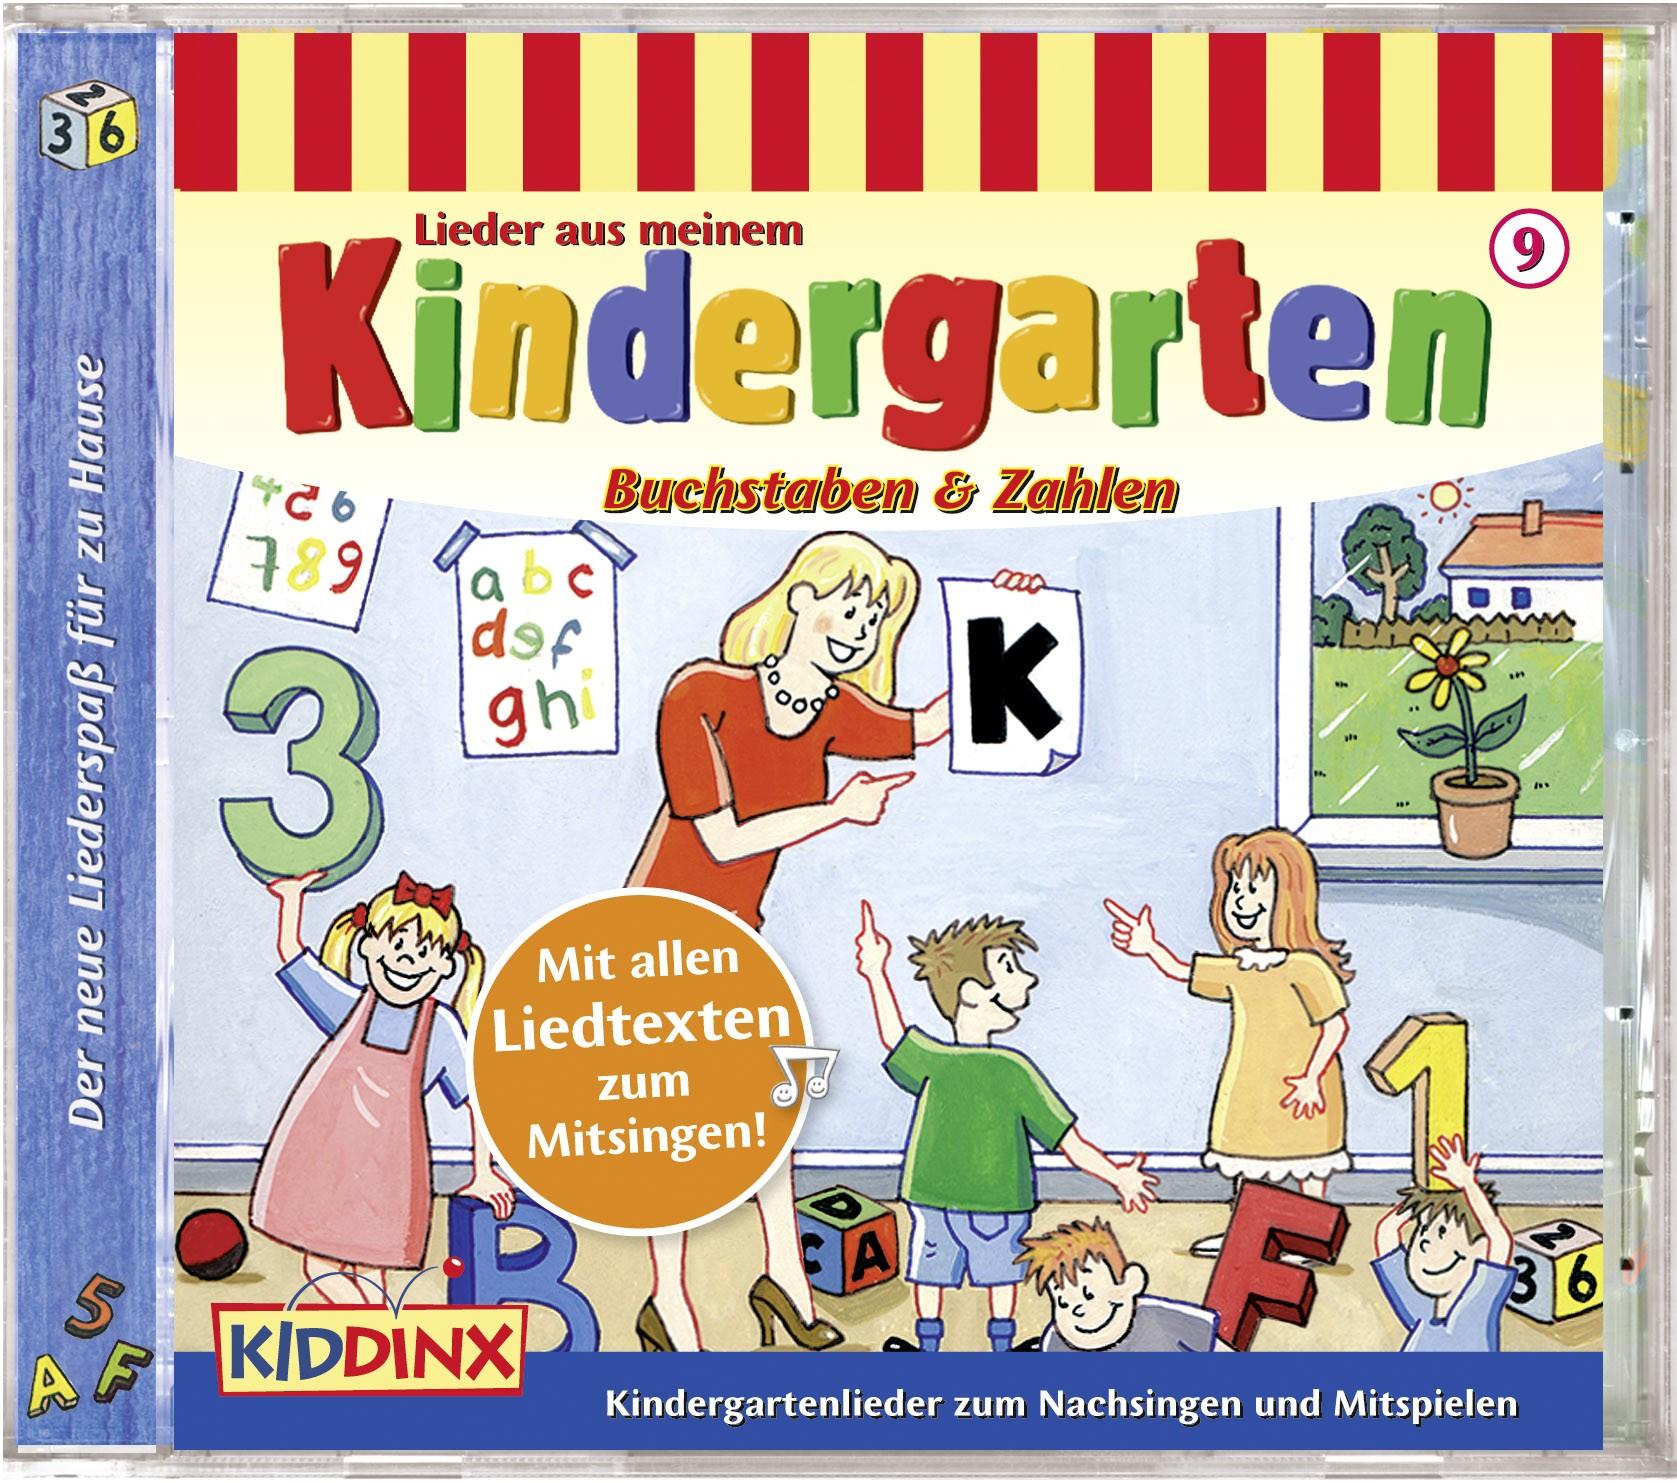 Lieder aus meinem Kindergarten: Buchstaben und Zahlen (Folge 9)